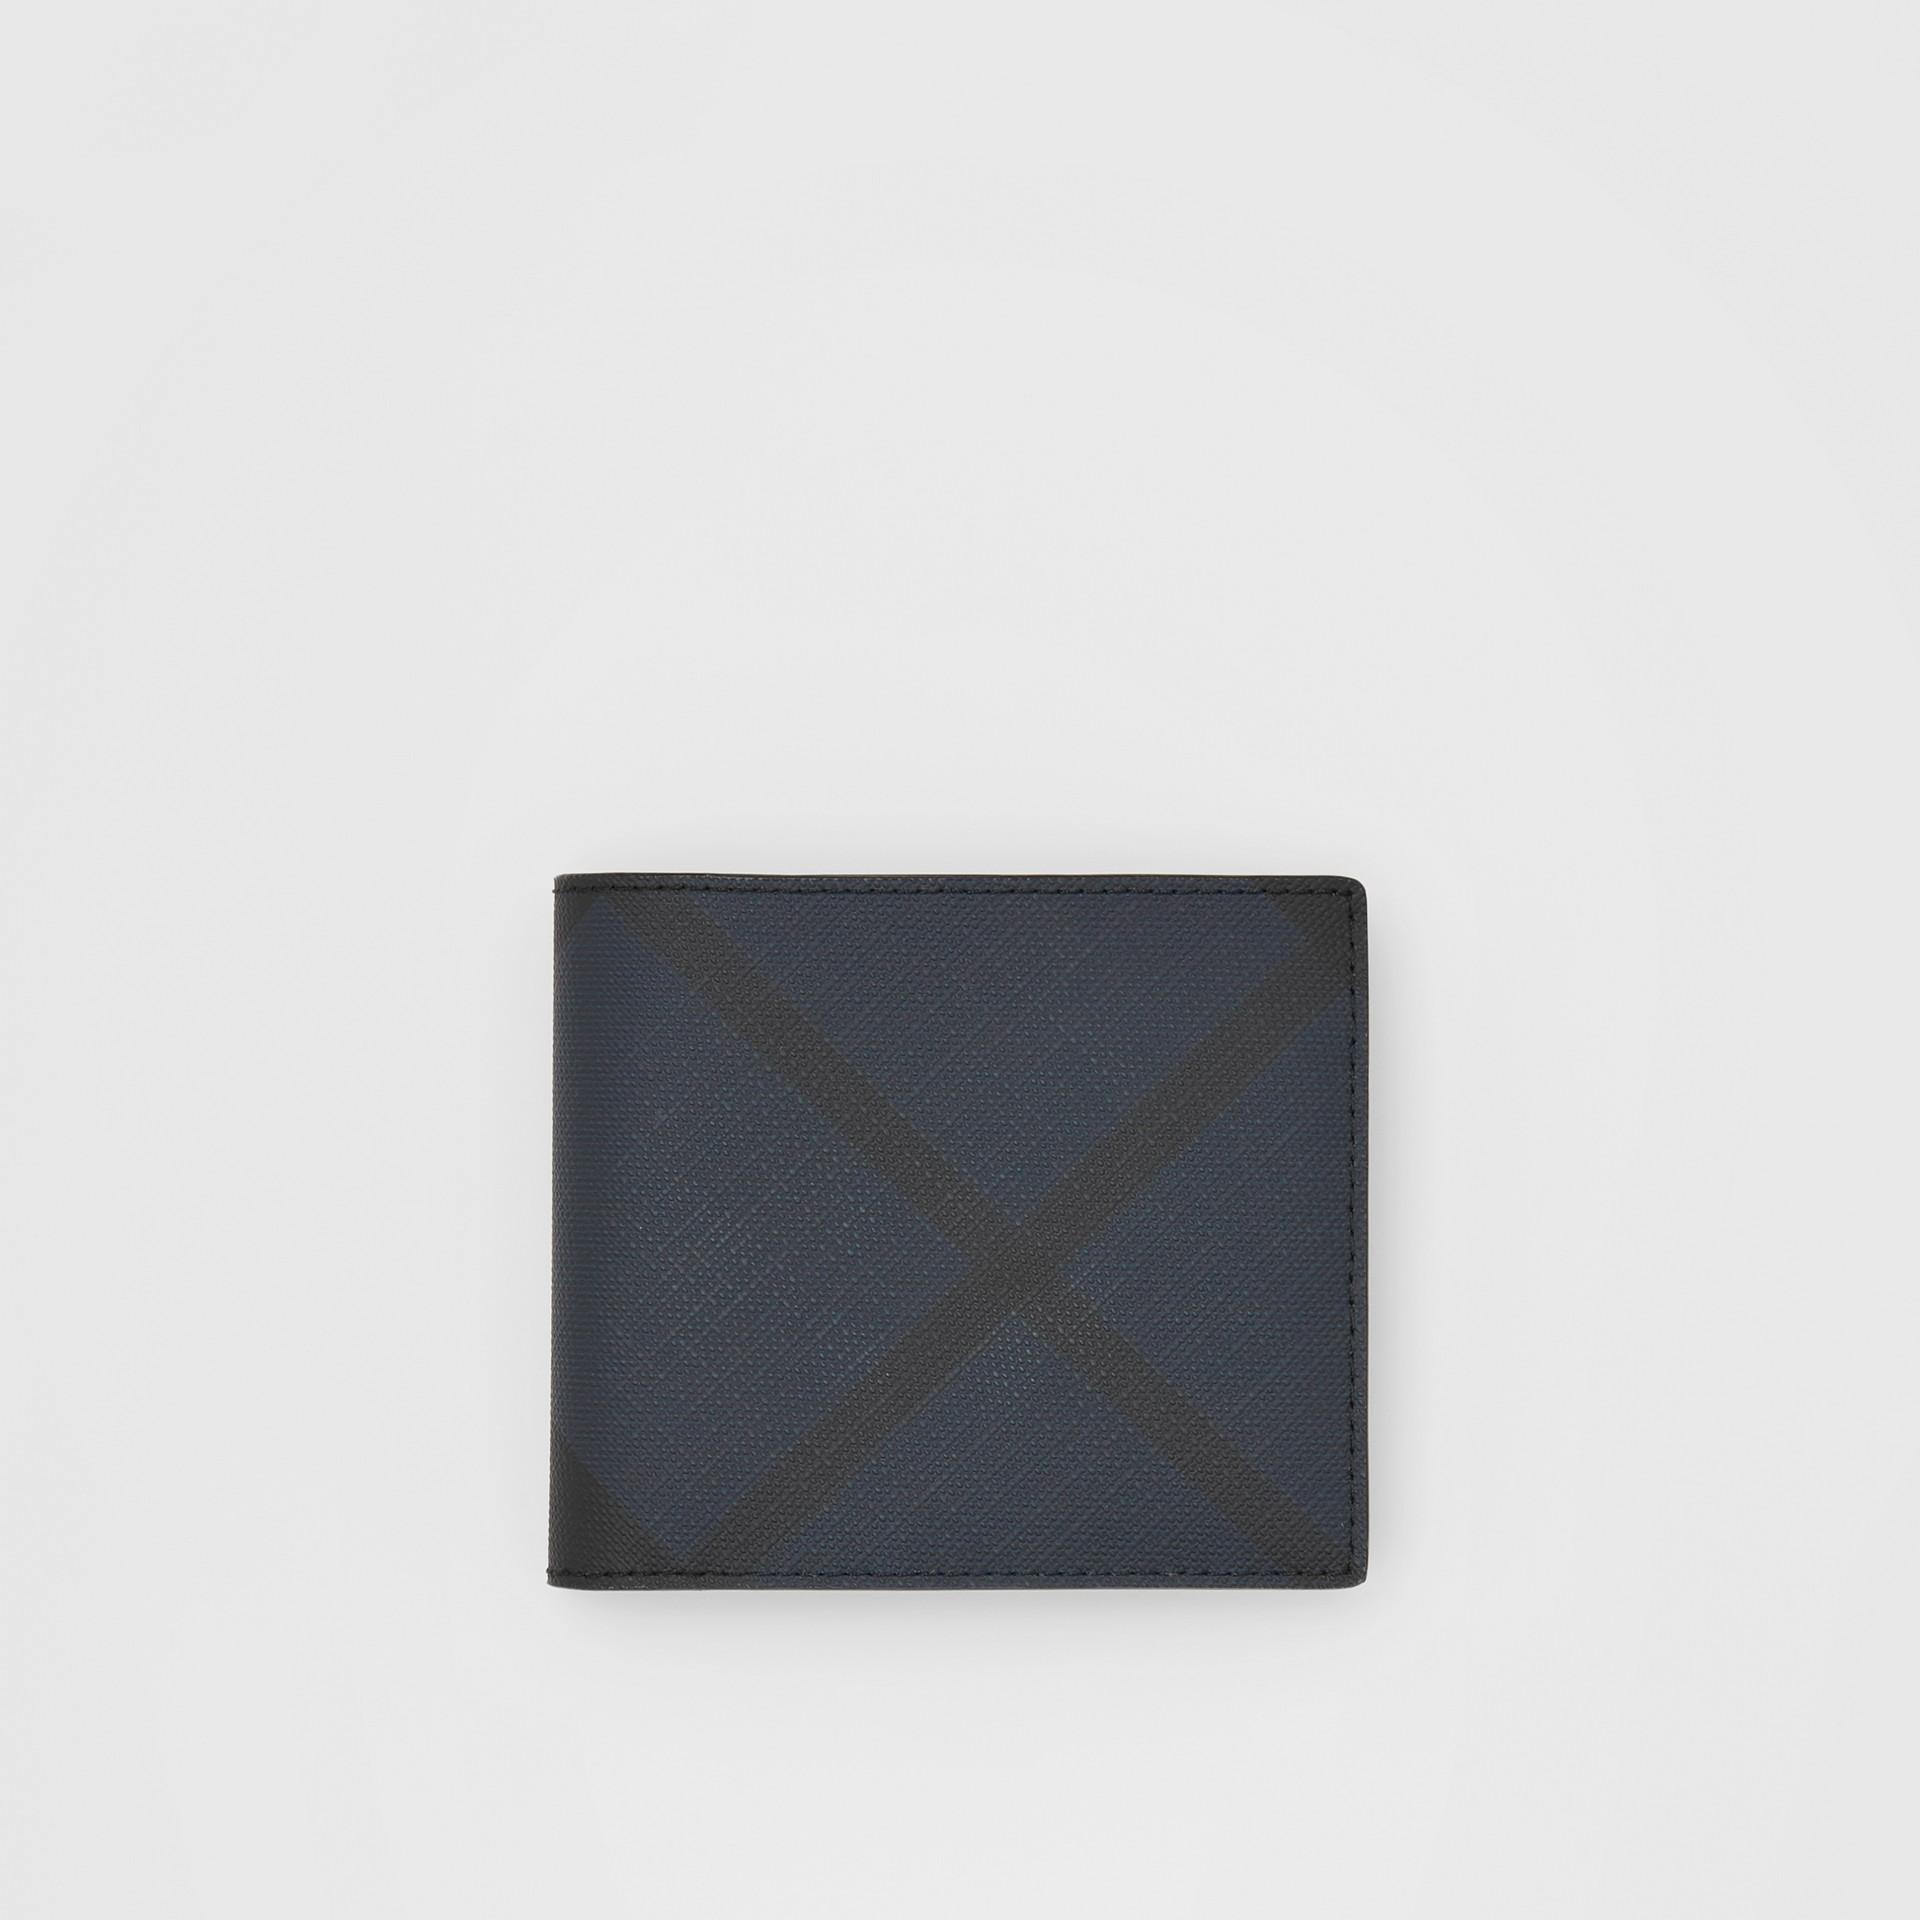 ロンドンチェック&レザー インターナショナル バイフォールドウォレット (ネイビー) - メンズ | バーバリー - ギャラリーイメージ 0